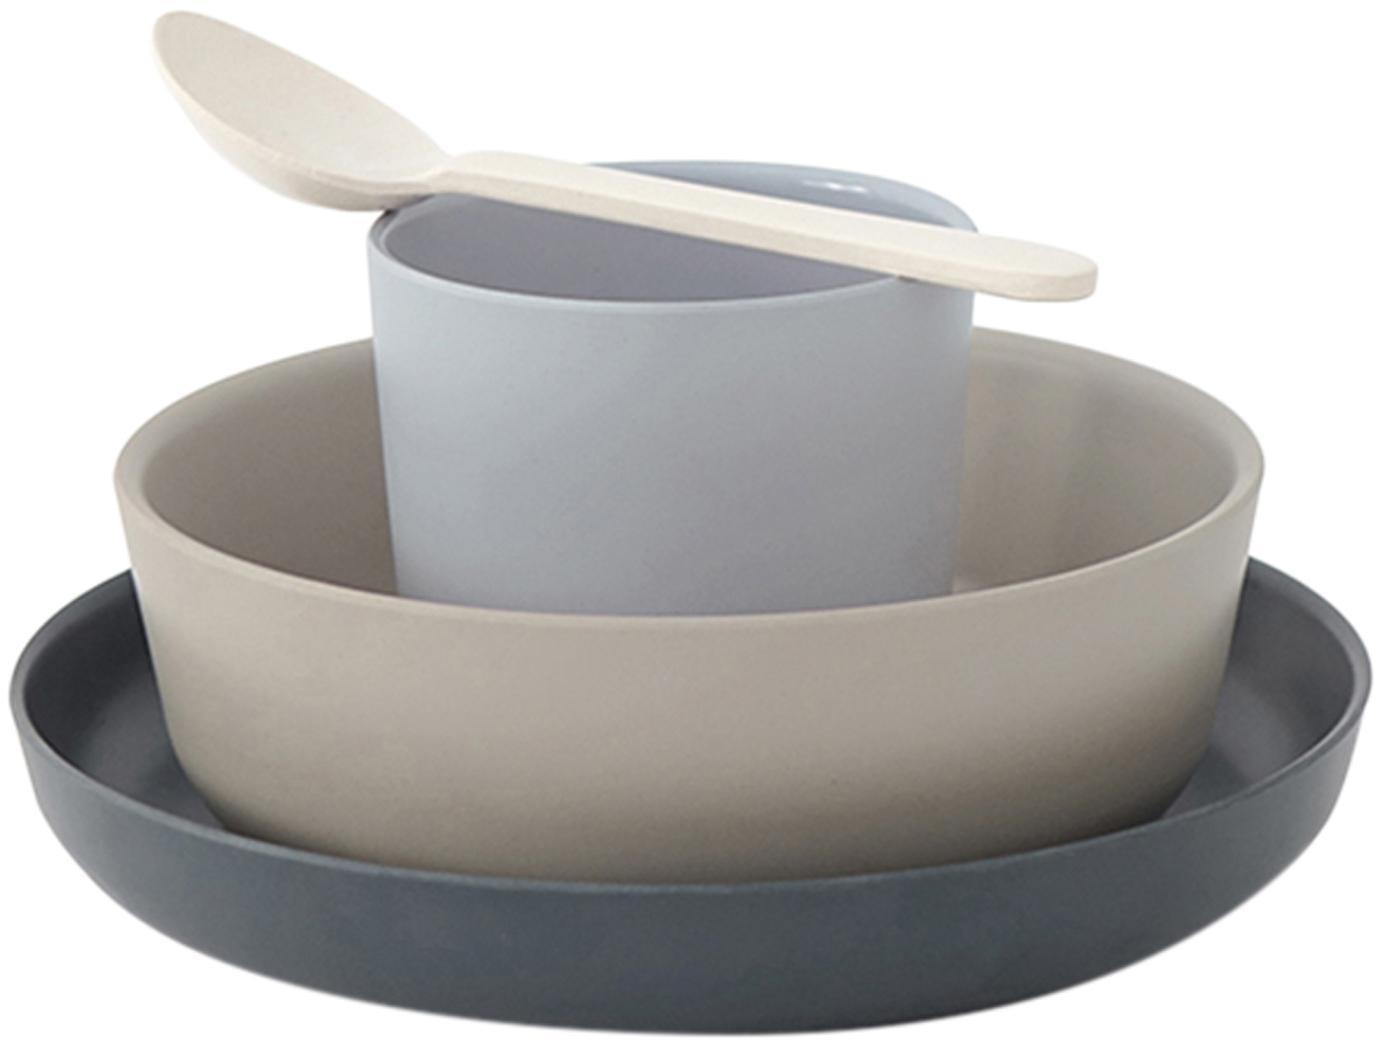 Ontbijtset Miku, 4-delig, Bamboehoutvezels, melamine, voedselveilig BPA-, PVC- en ftalatenvrij, Grijs, beige, blauw, crèmewit, Set met verschillende formaten